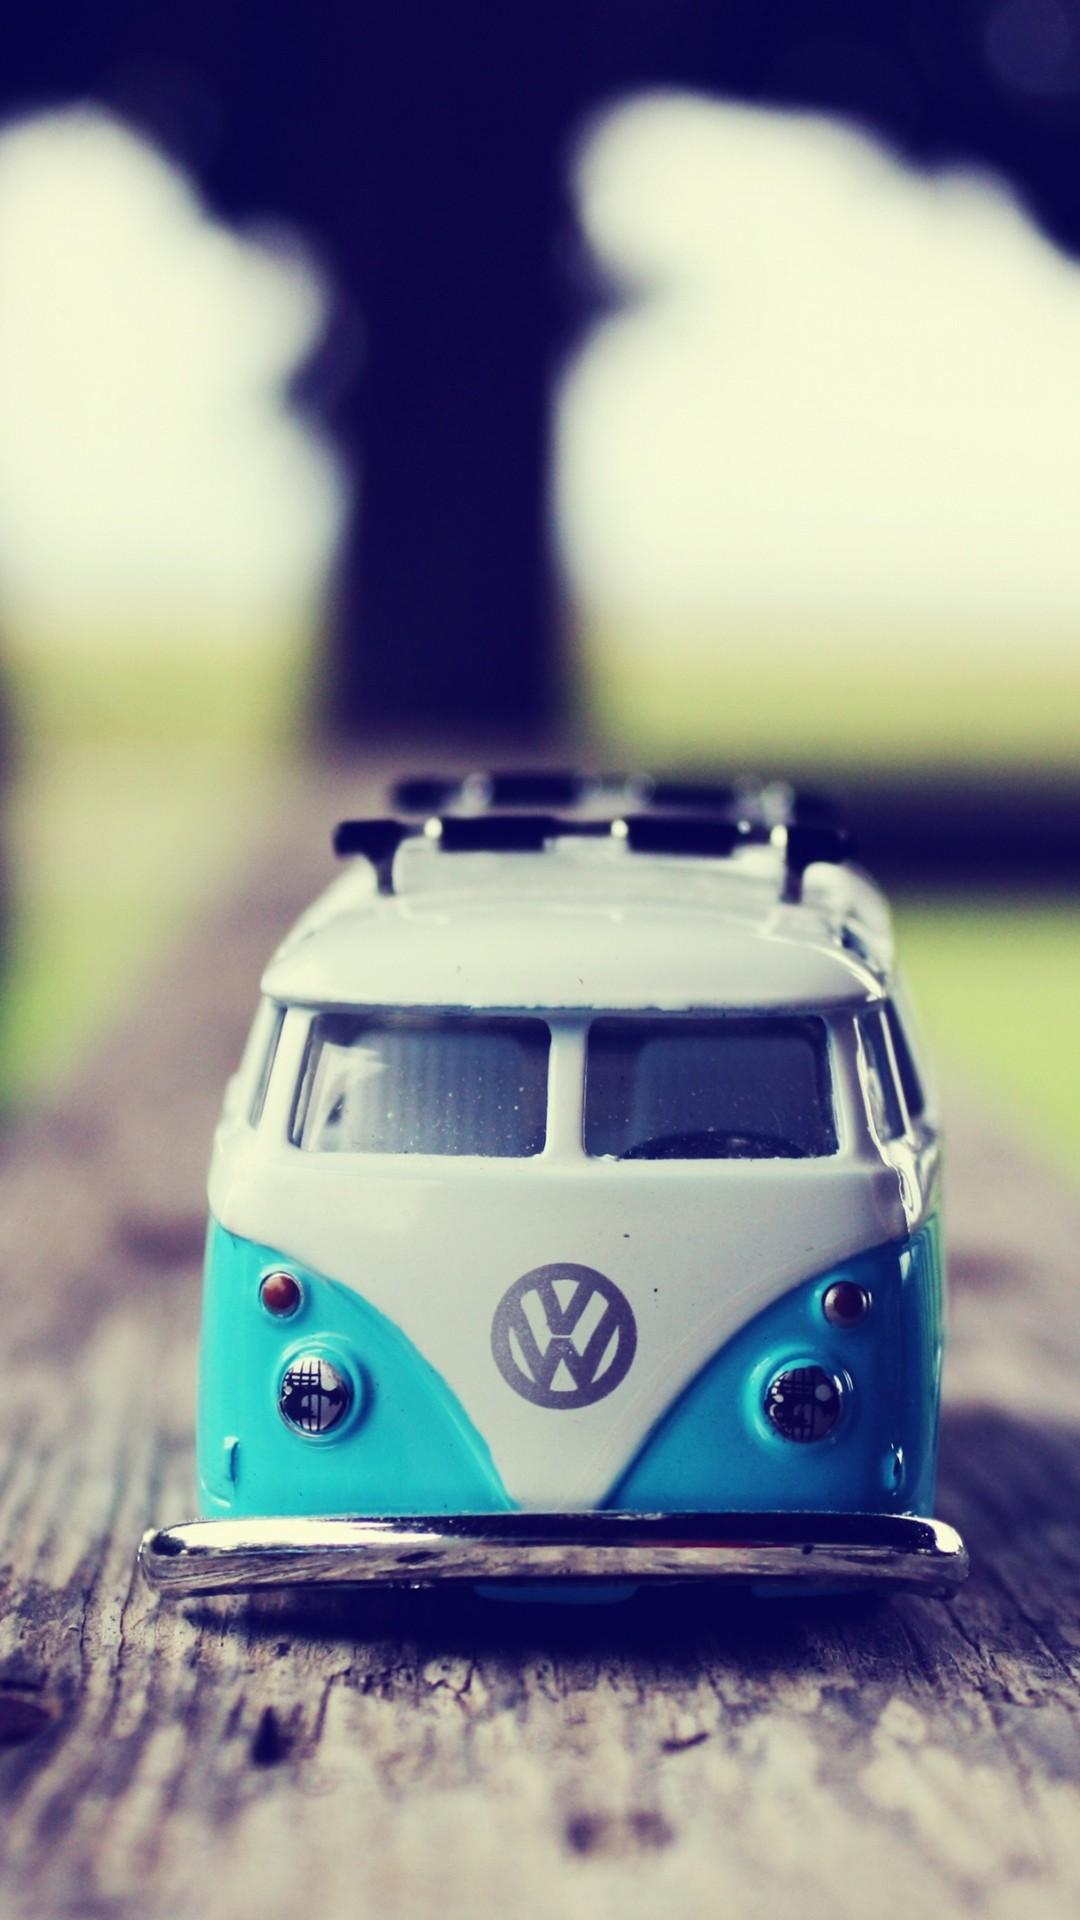 Miniature Volkswagen Van iPhone 6 Plus HD Wallpaper –  https://freebestpicture.com